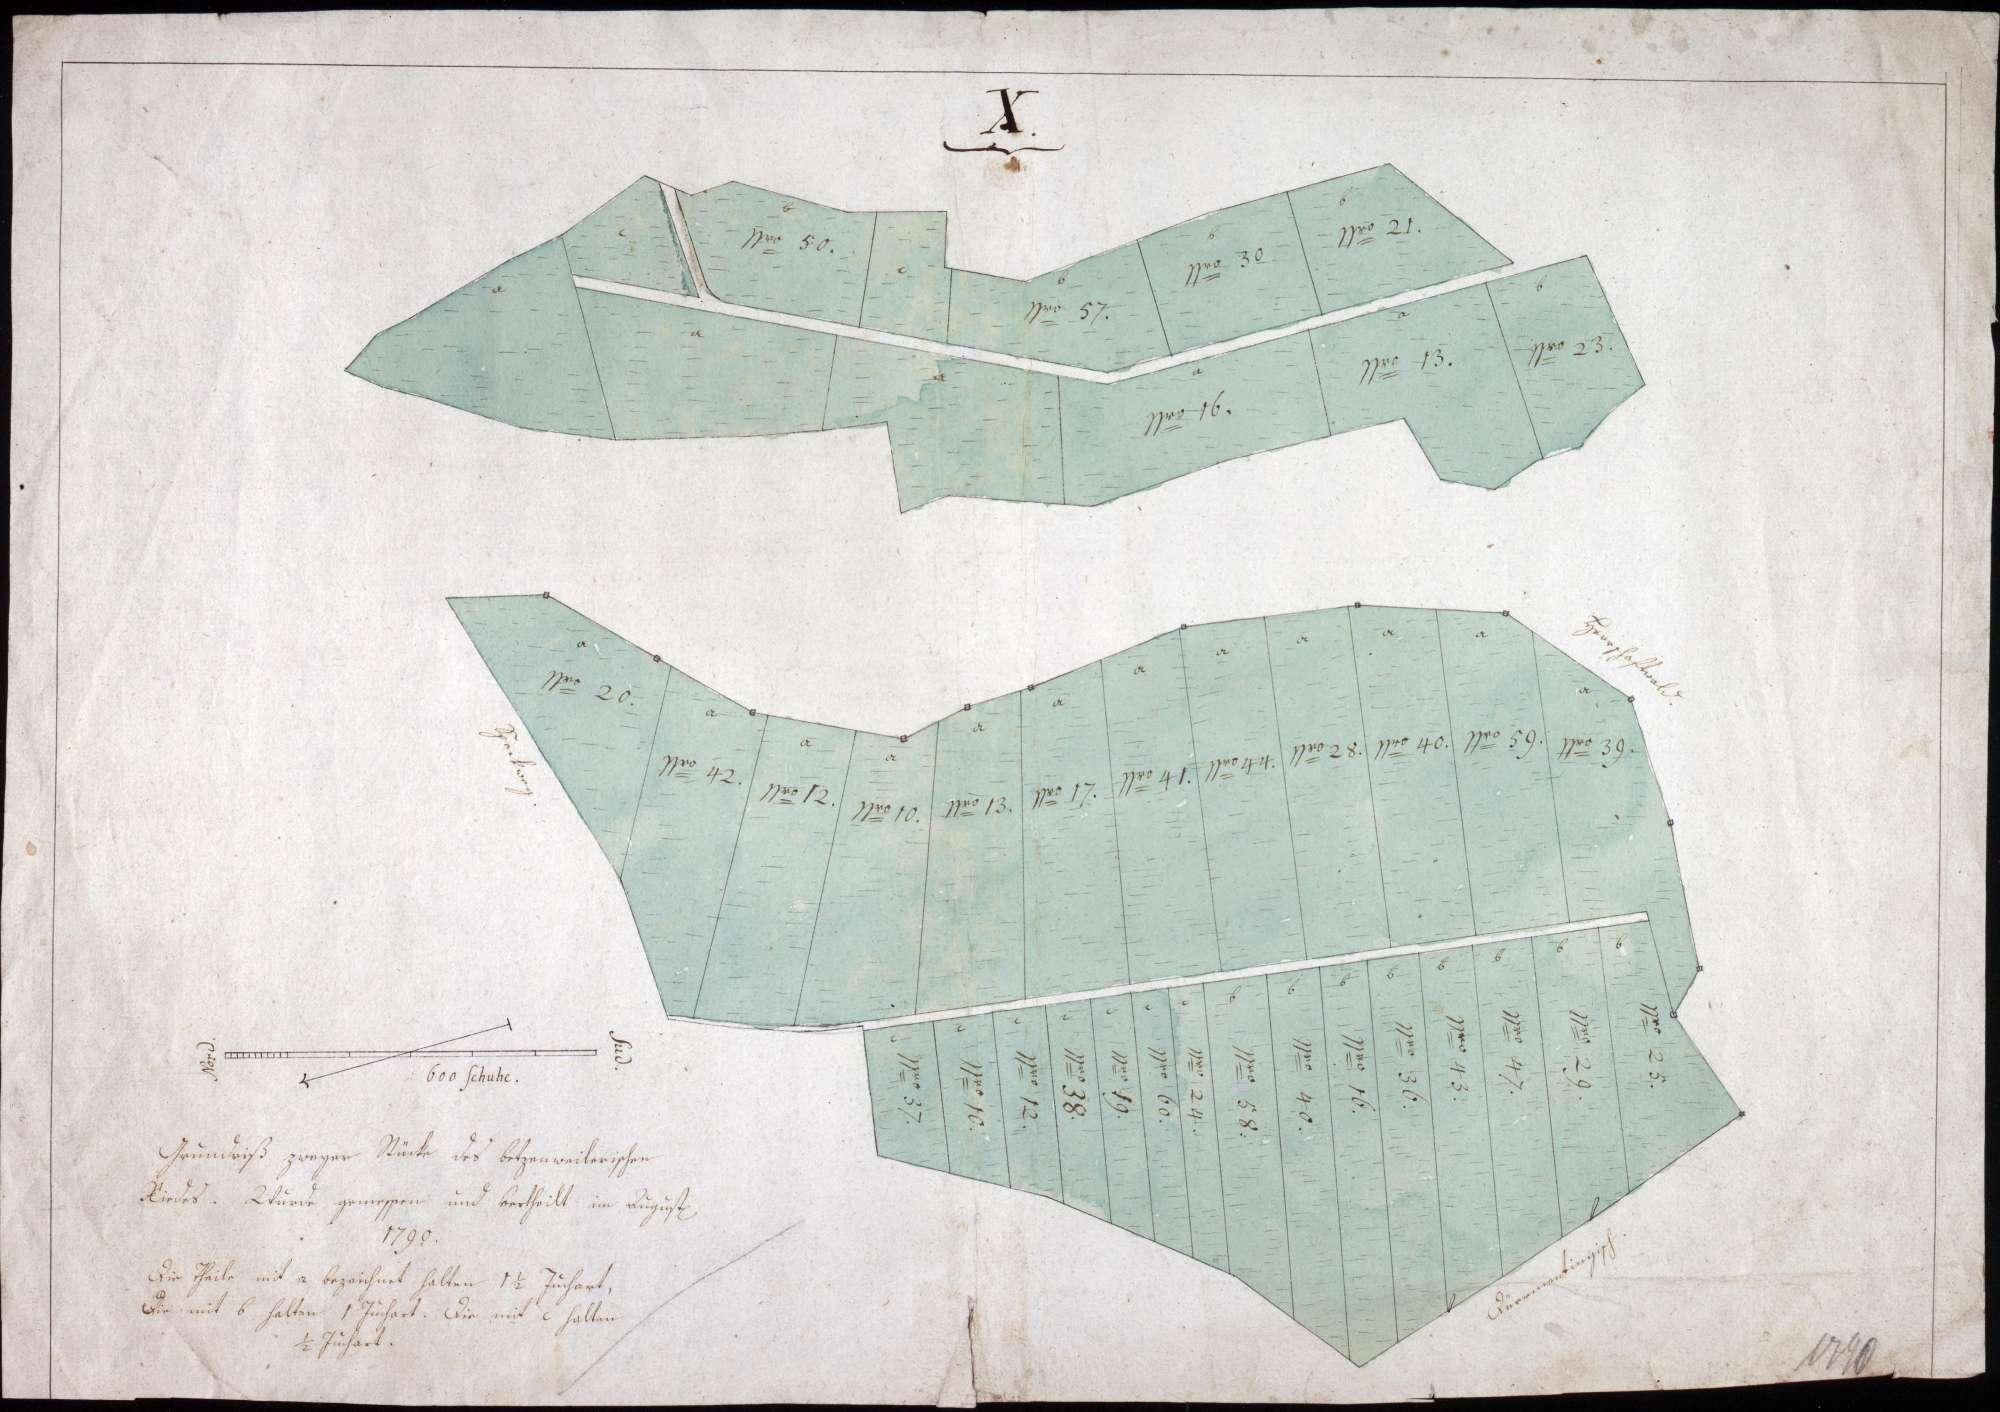 Grundriß zweier Grundstücke im Betzenweiler Ried ohne Attest der Regierungskanzlei Maßstab ca. 1 : 1600 col. handgez., Bild 1